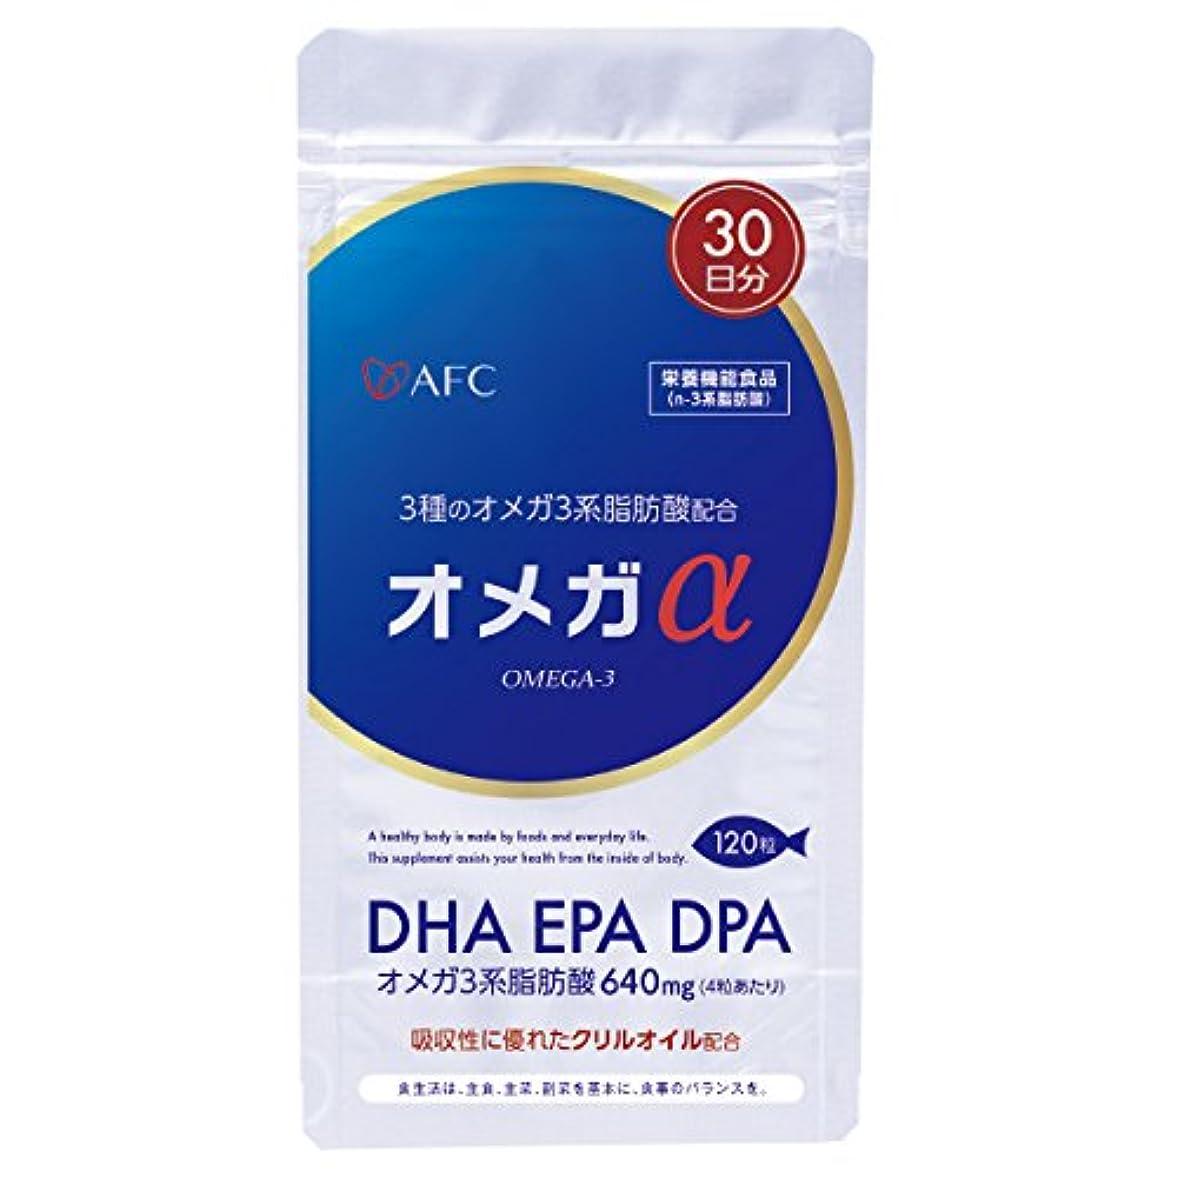 電話ケニアお祝い【AFC公式ショップ】30日分 オメガスリー オメガα (オメガ アルファ) ソフトカプセル DHA DPA EPA クリルオイル